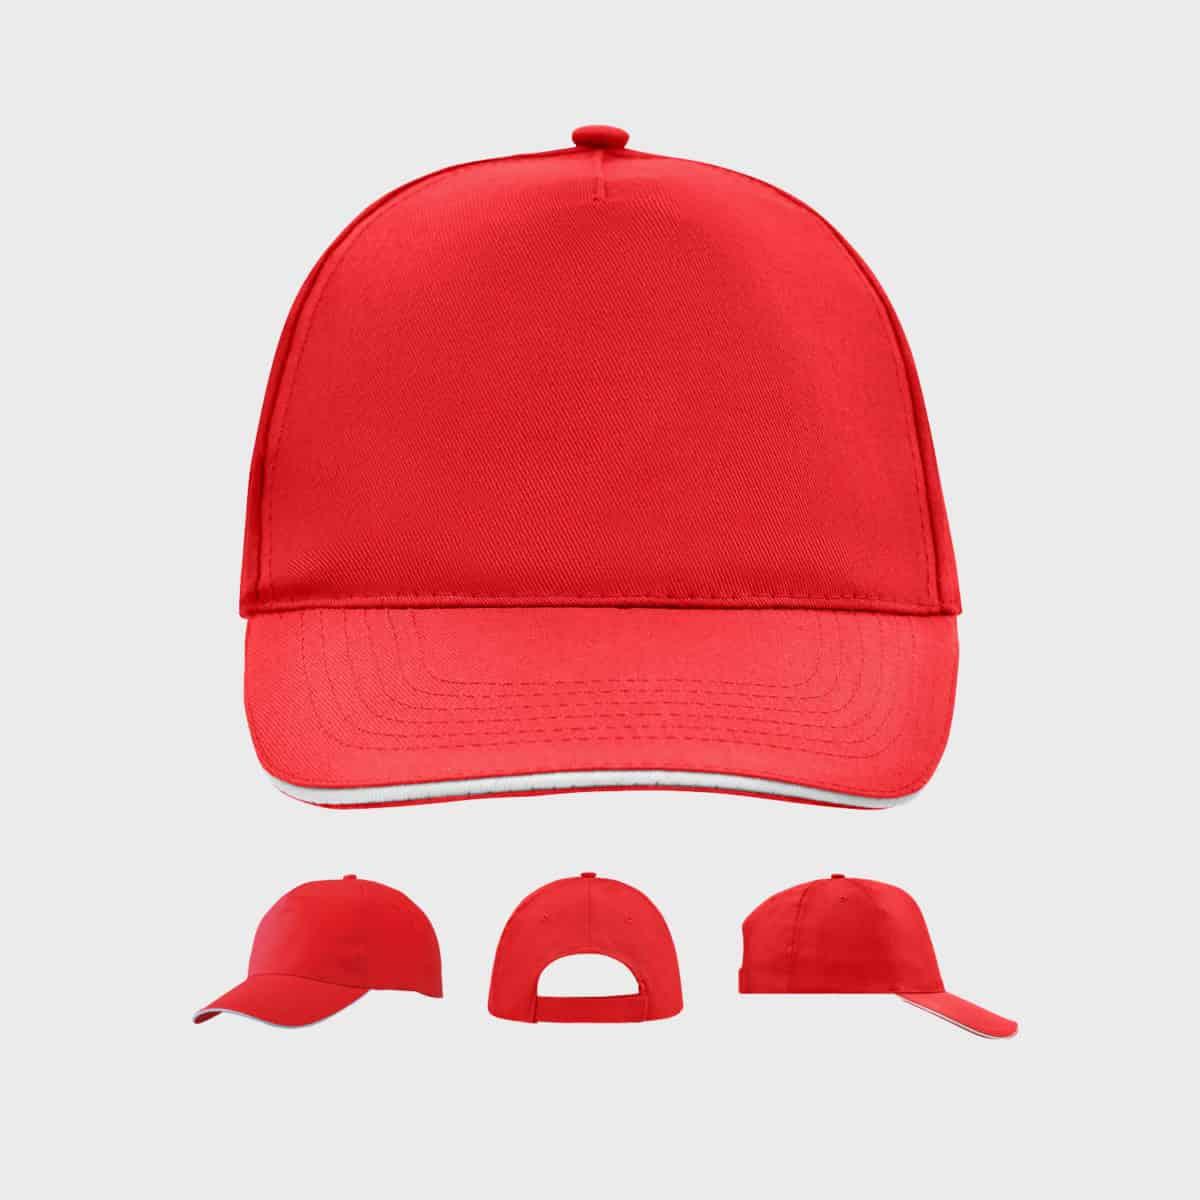 promo-sandwich-cap-5-panel-red-white-kaufen-besticken_stickmanufaktur